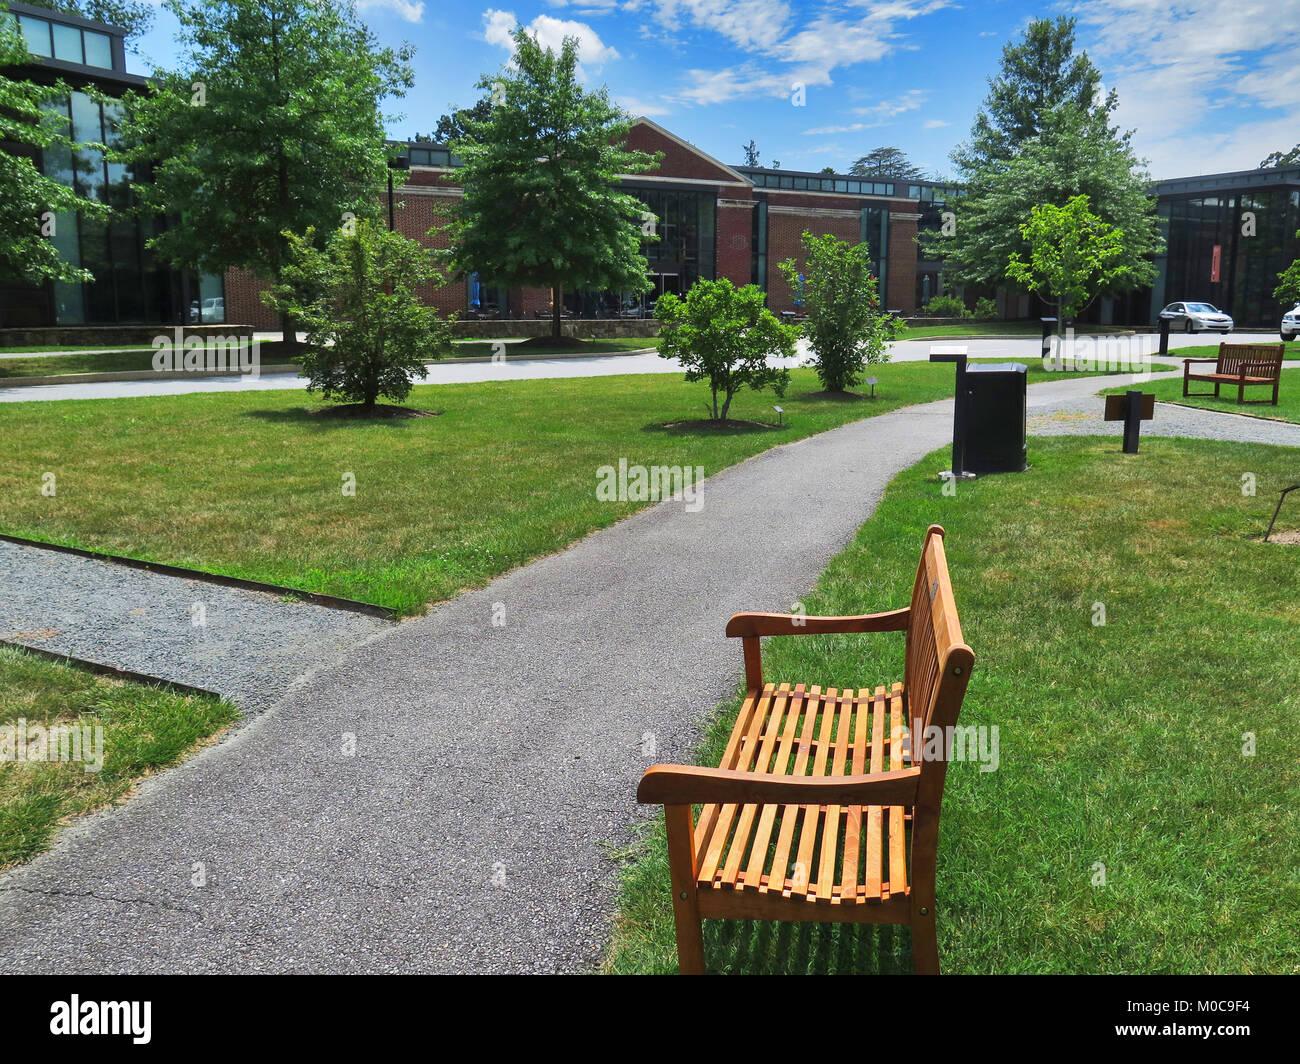 Delaware Art Museum, Wilmington, Delaware, art, sculpture, park. sculpture garden, illustrative art, - Stock Image